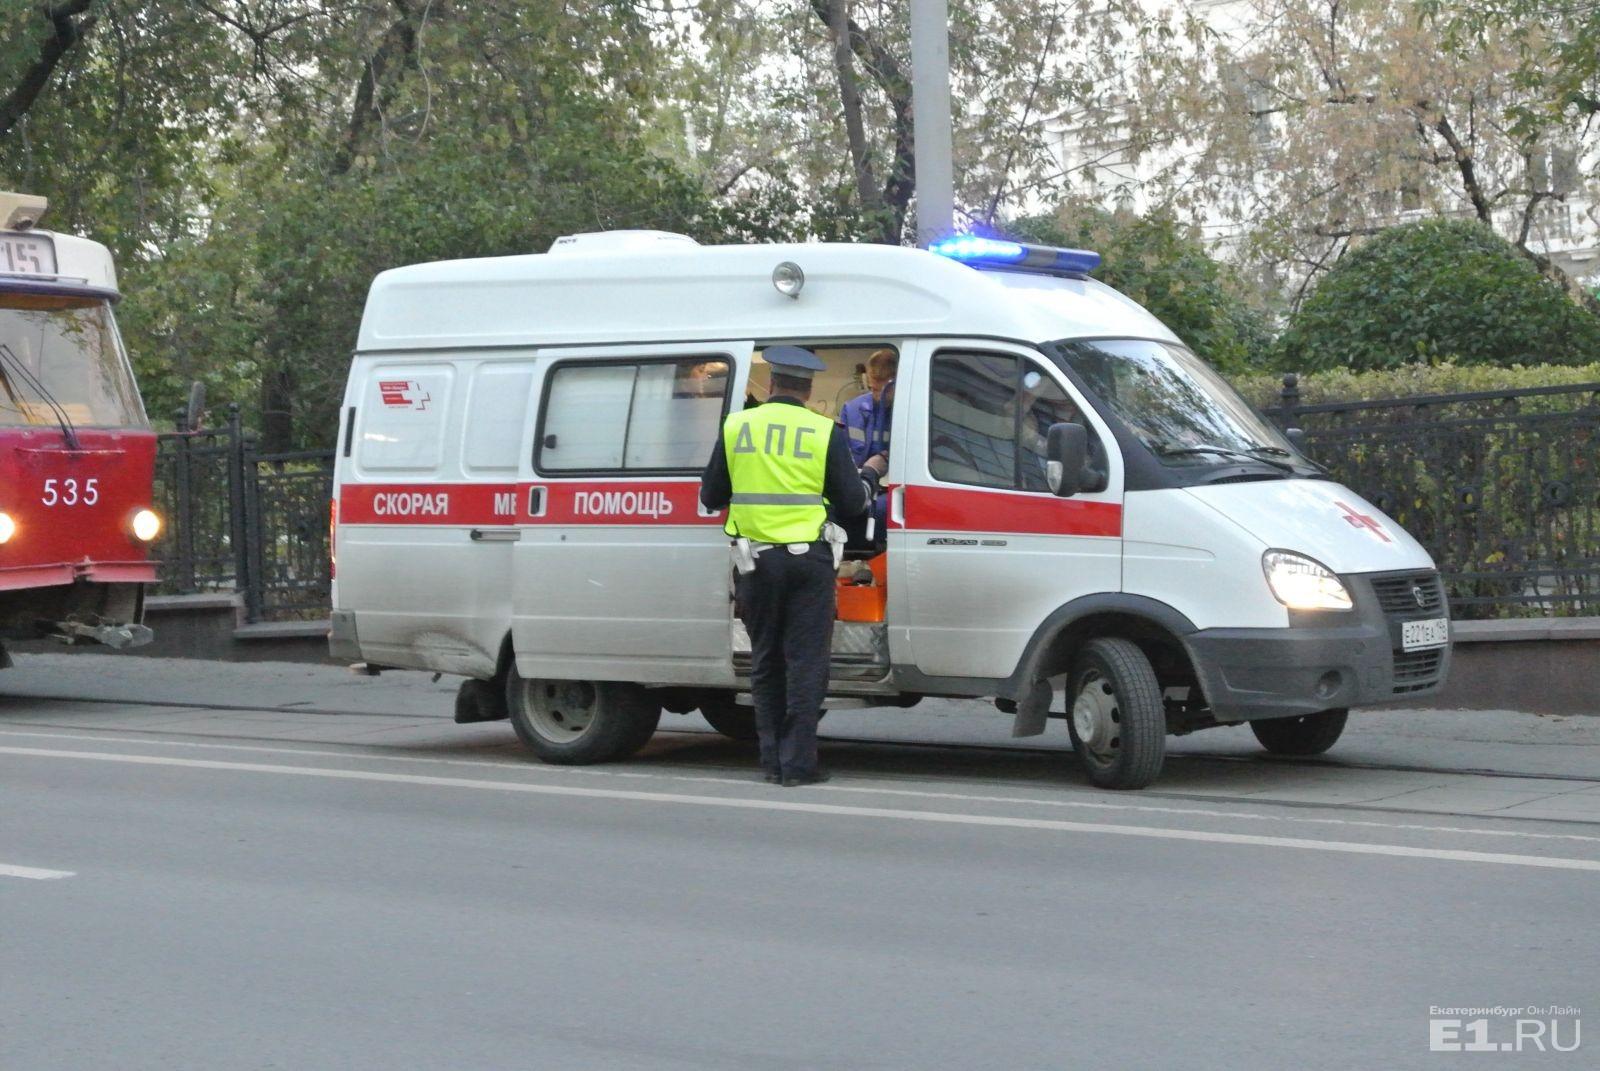 ВЕкатеринбурге сегодня вечером пассажиры избили кондуктора трамвая